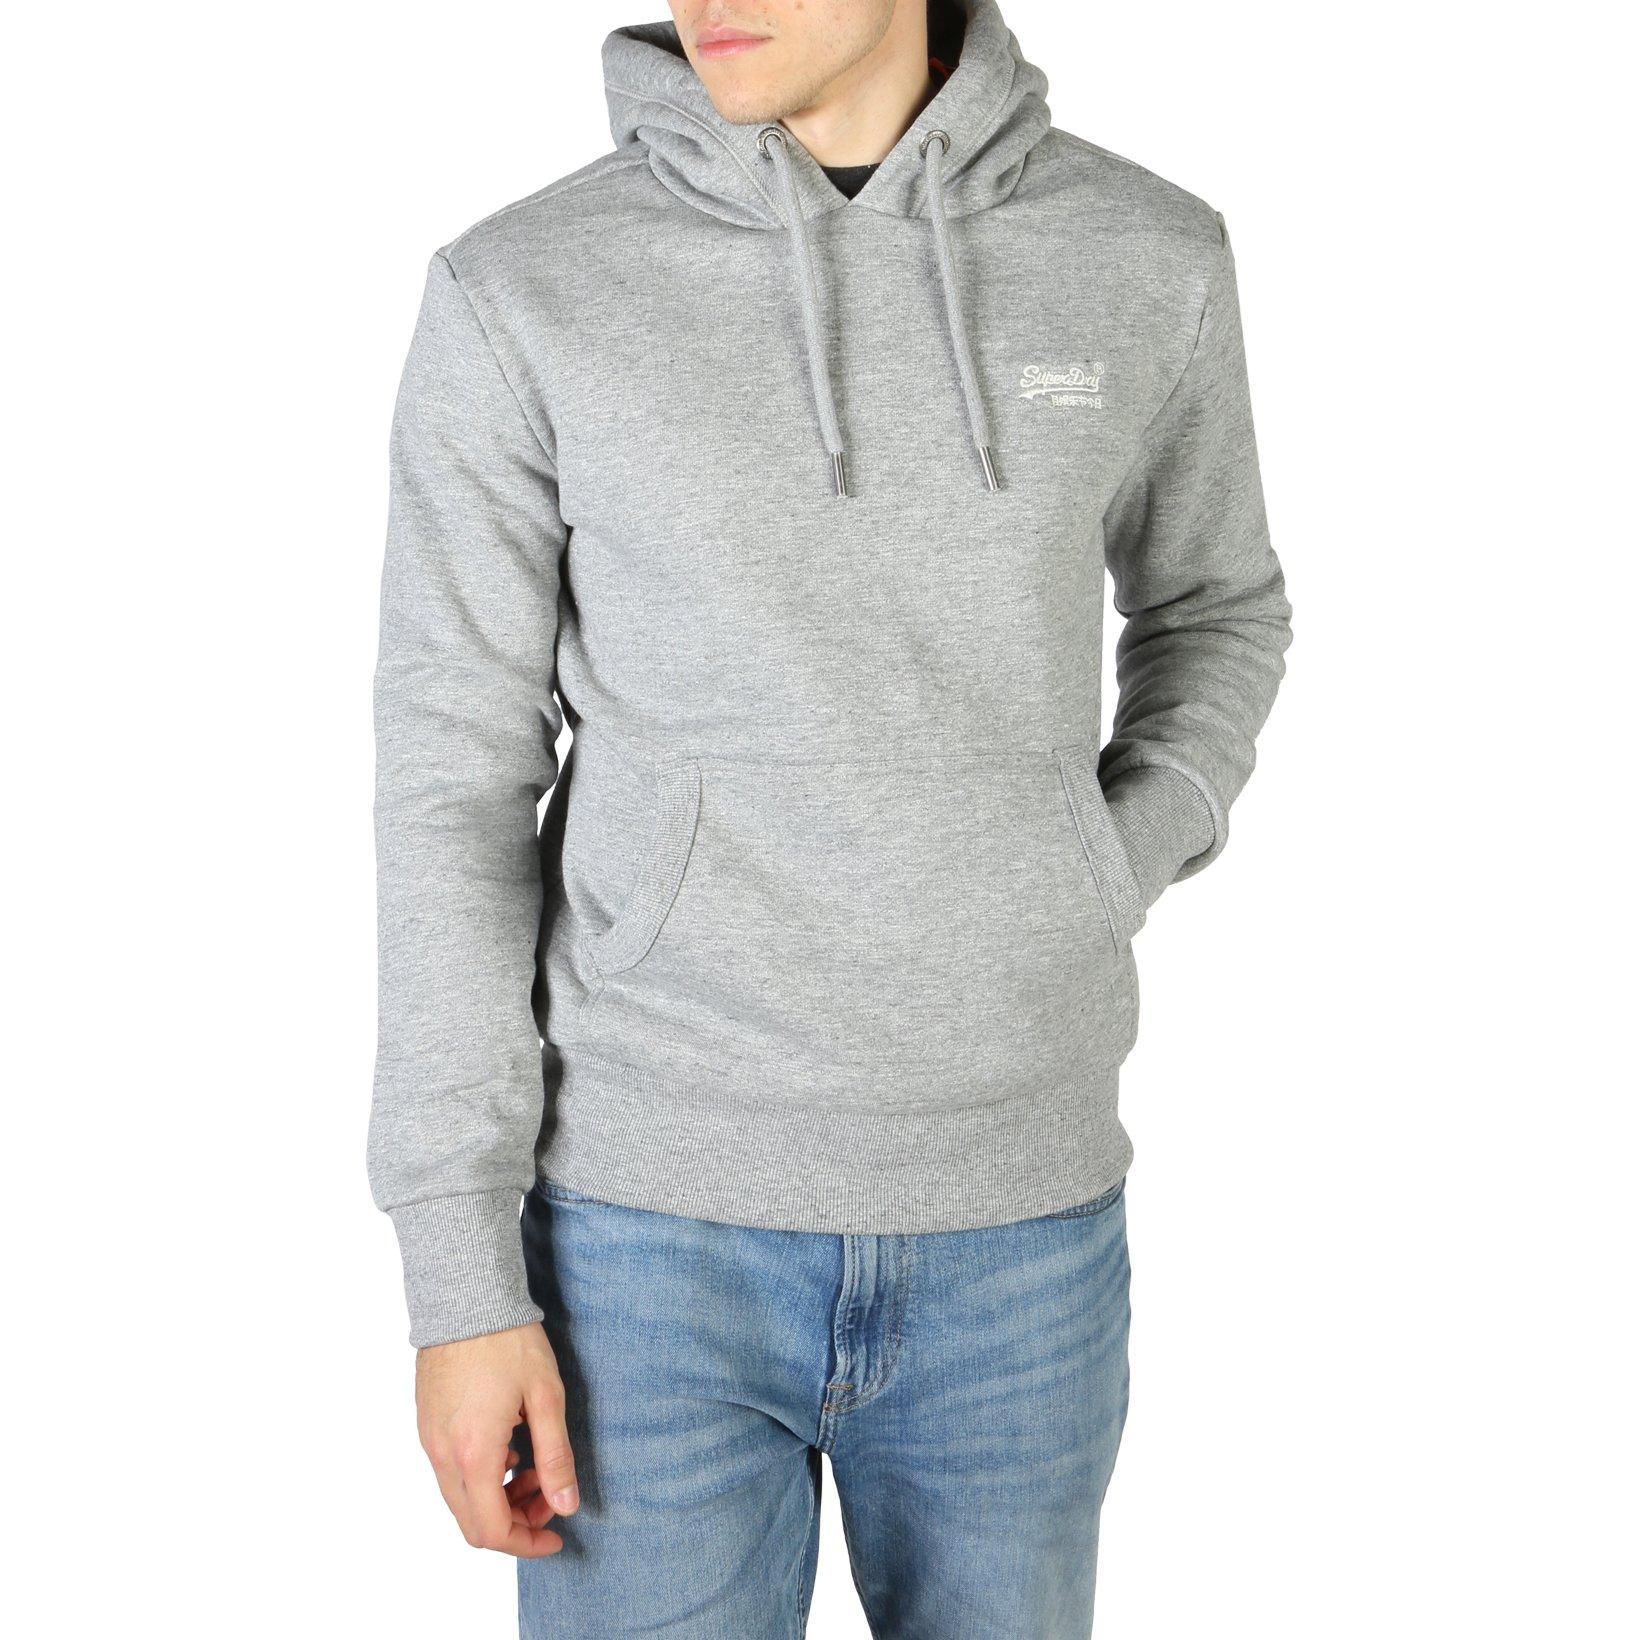 Superdry Men's Sweatshirt Various Colours M2010265A - grey-1 S